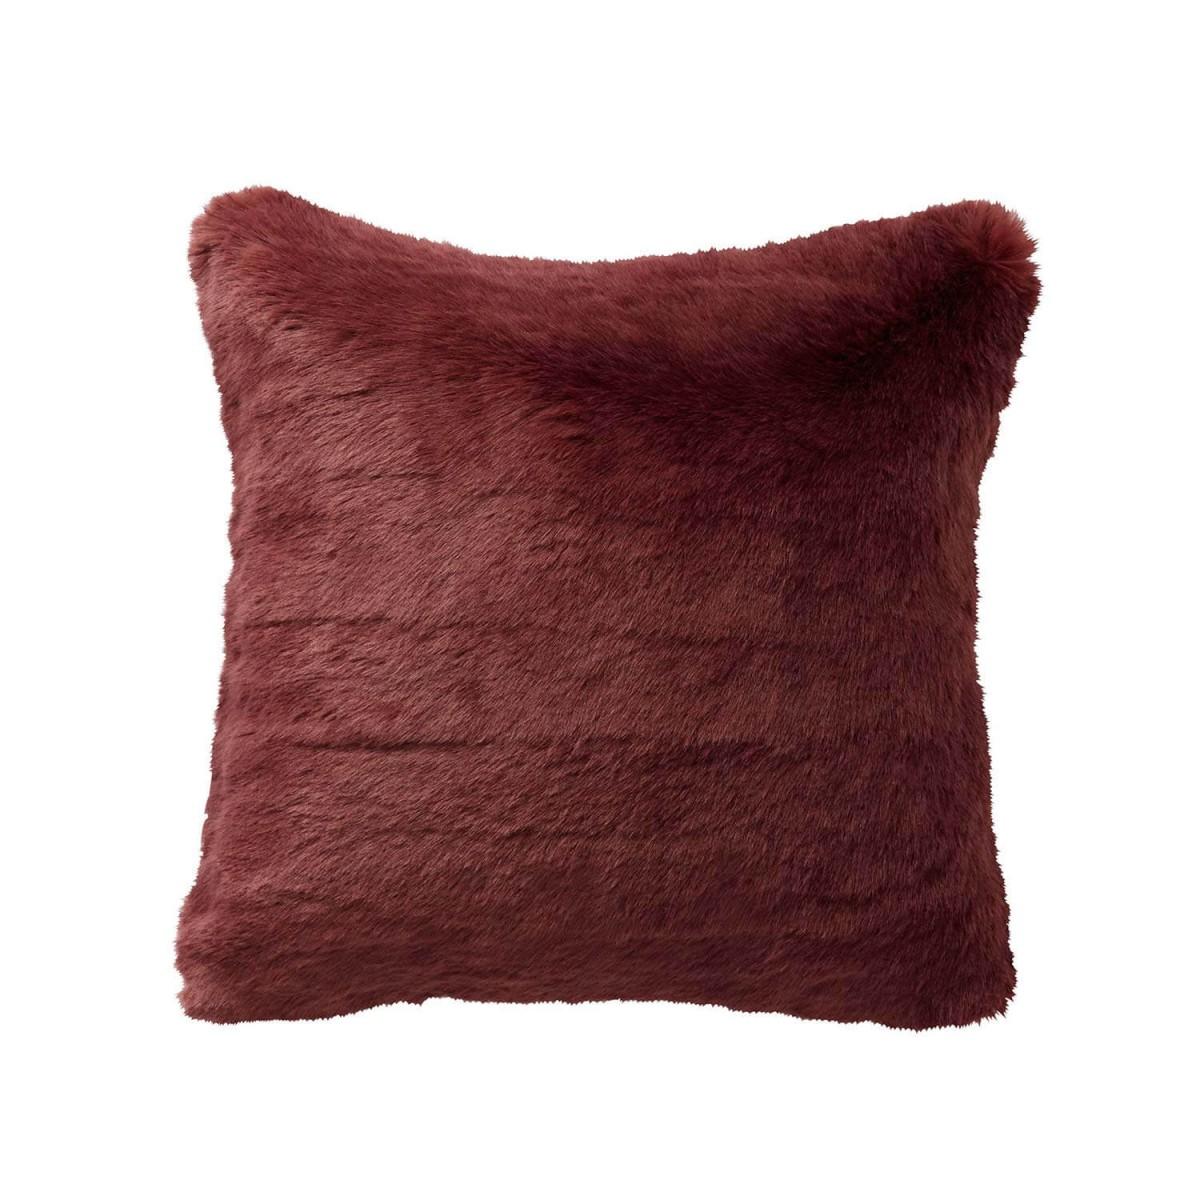 housse de coussin fausse fourrure tsarine alexandre turpault. Black Bedroom Furniture Sets. Home Design Ideas